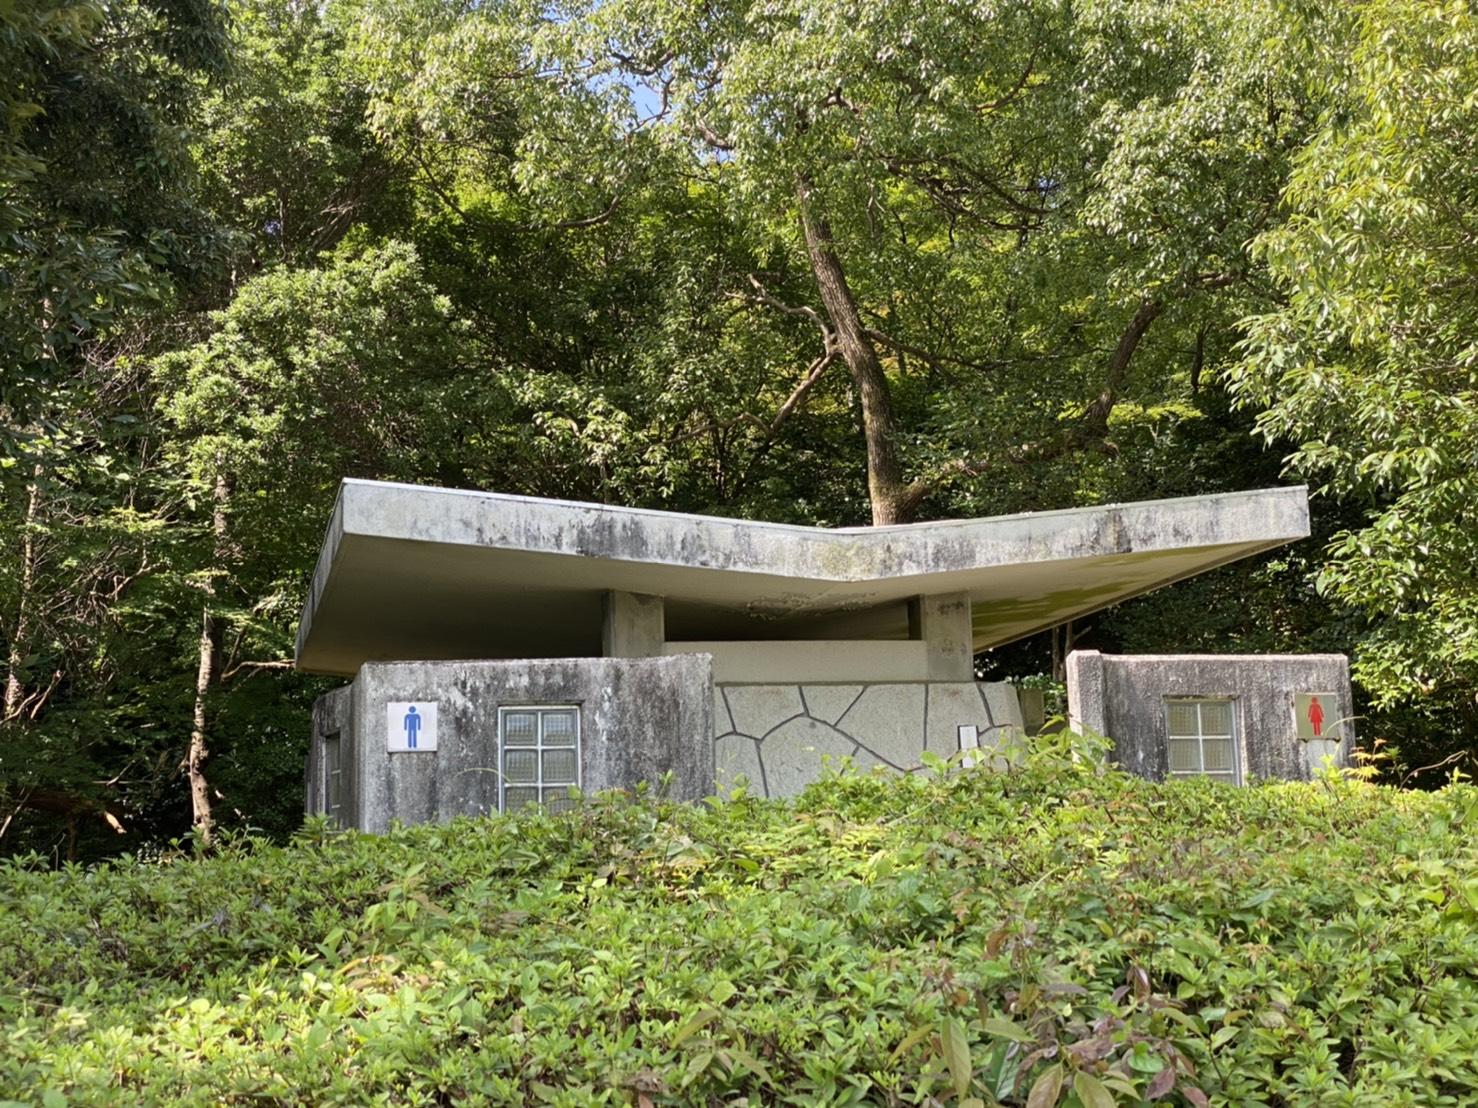 【滋賀県最大規模!】『希望が丘文化公園野外活動センター』キャンプ場攻略ガイド(駐車場・トイレ)